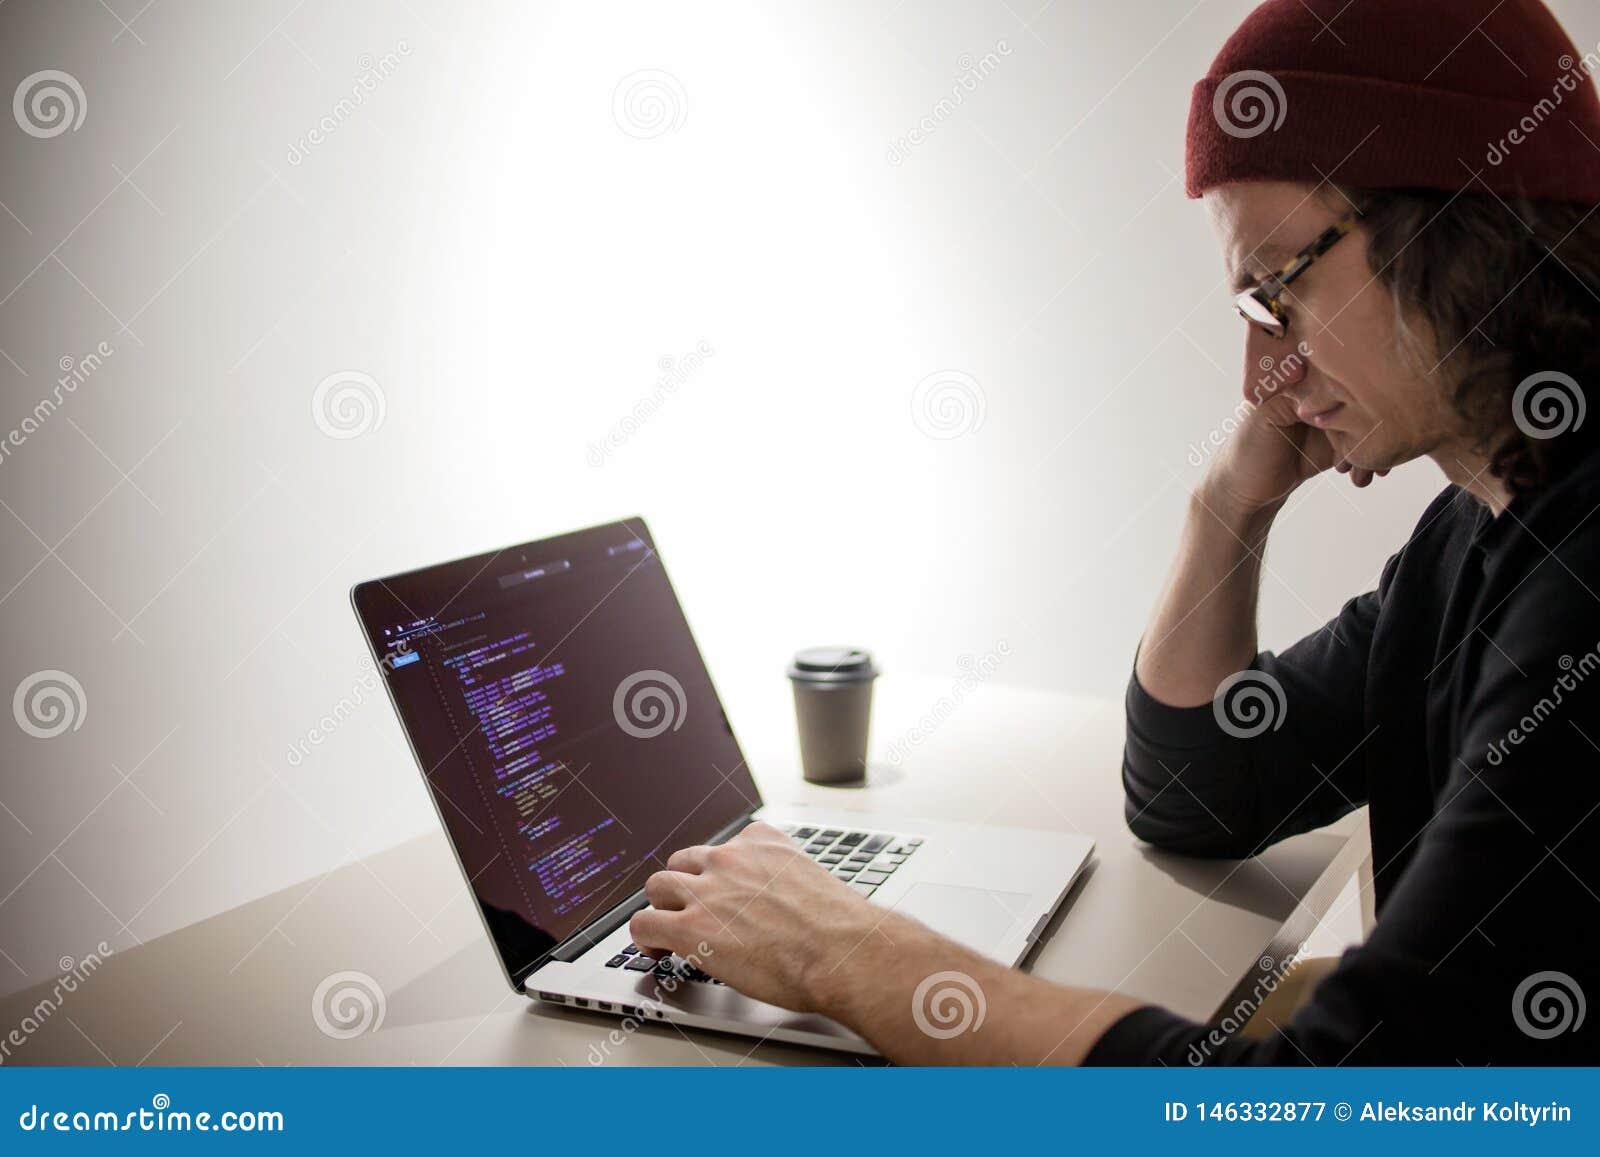 工作在开发环境里的程序员和编码人 程序员的工作场所